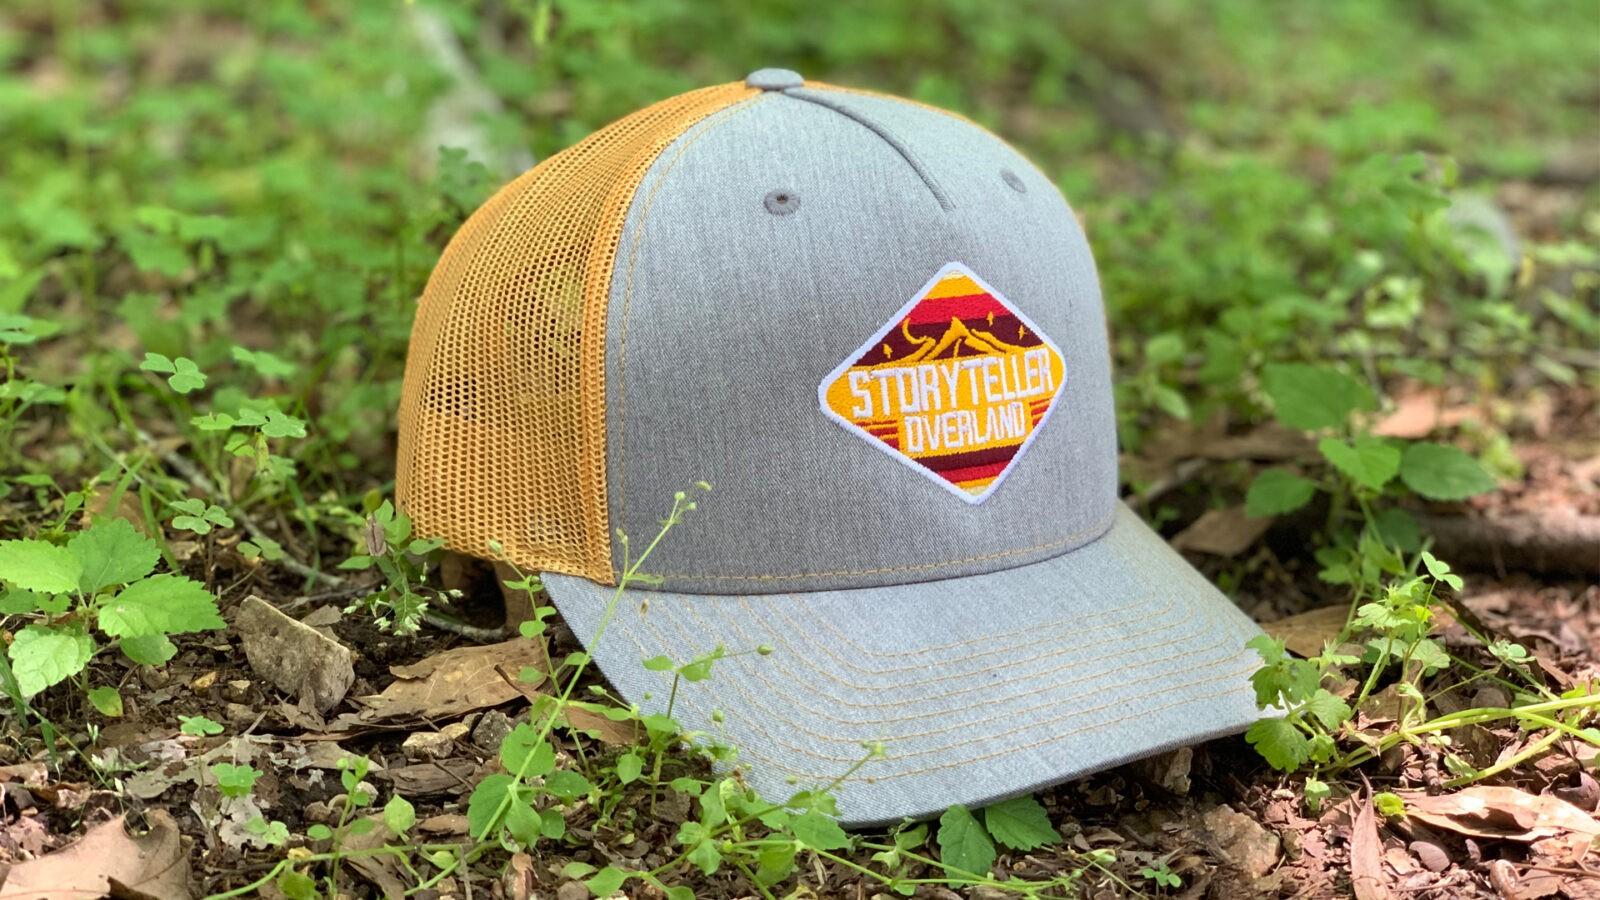 Storyteller Overland retro hat